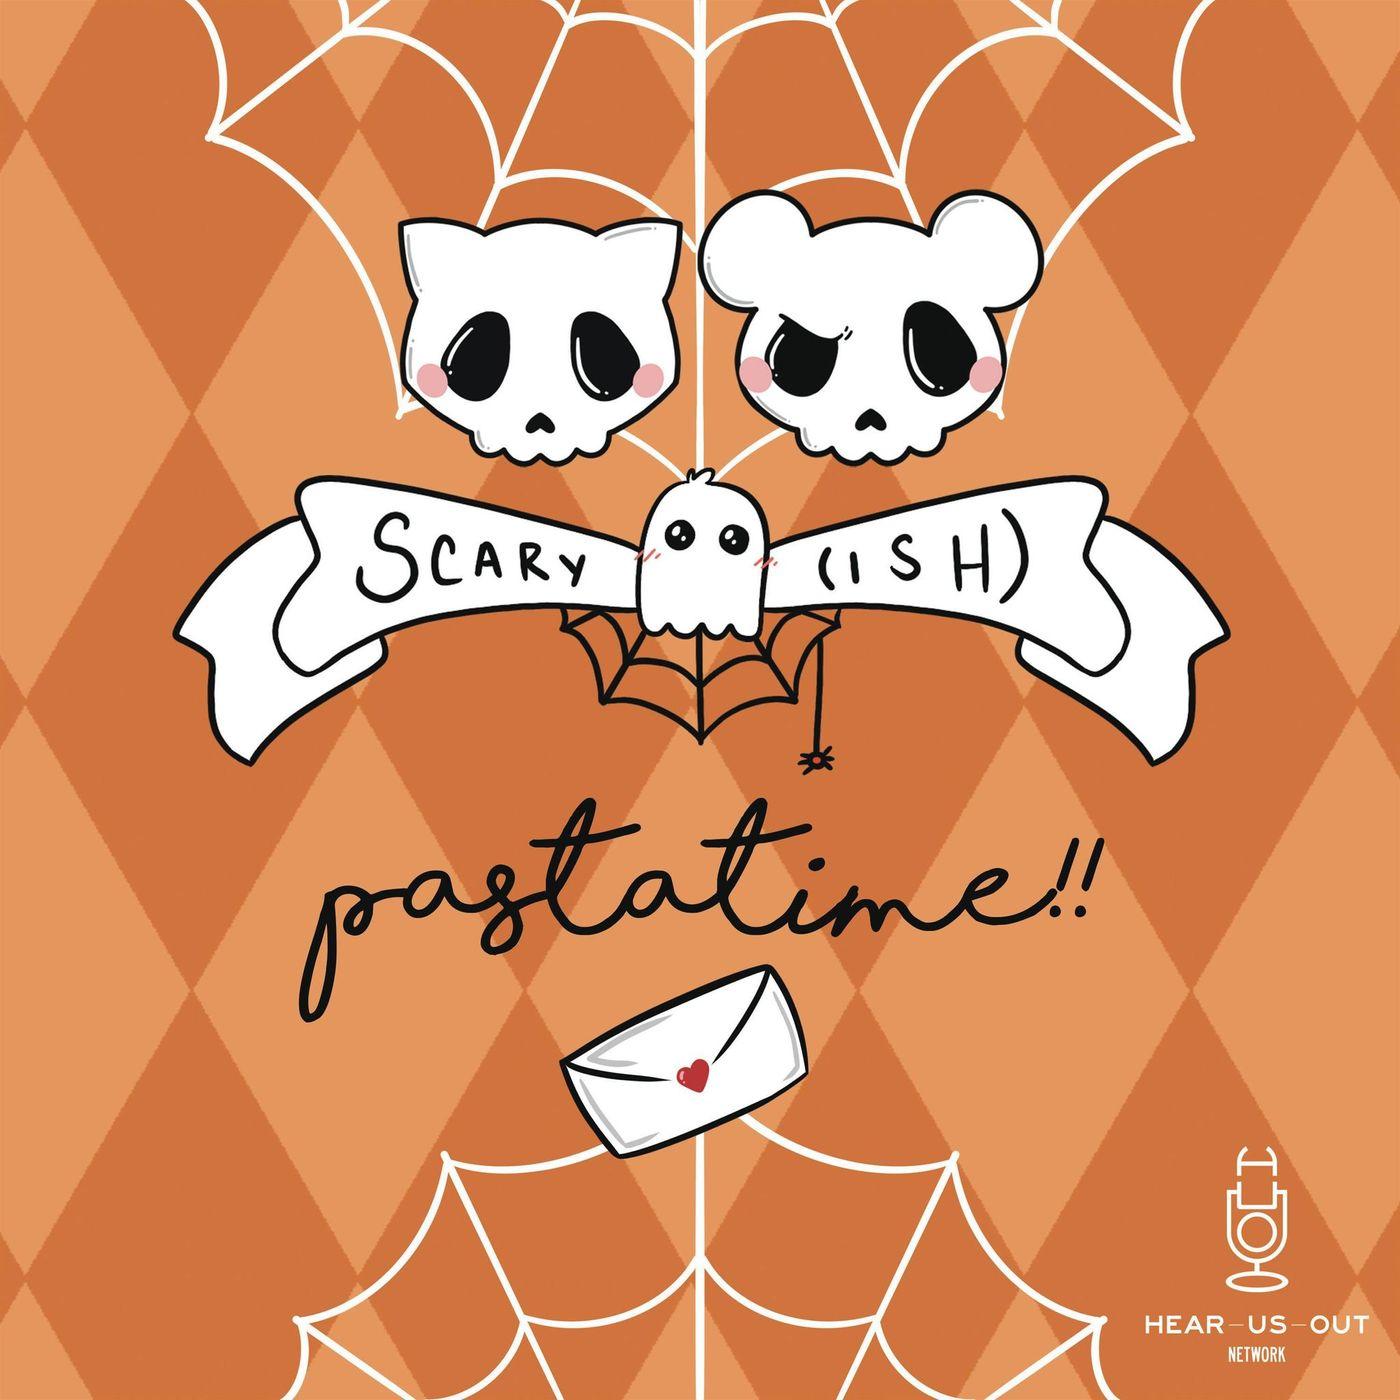 Scary(ish) - Pastatime: Ep 6